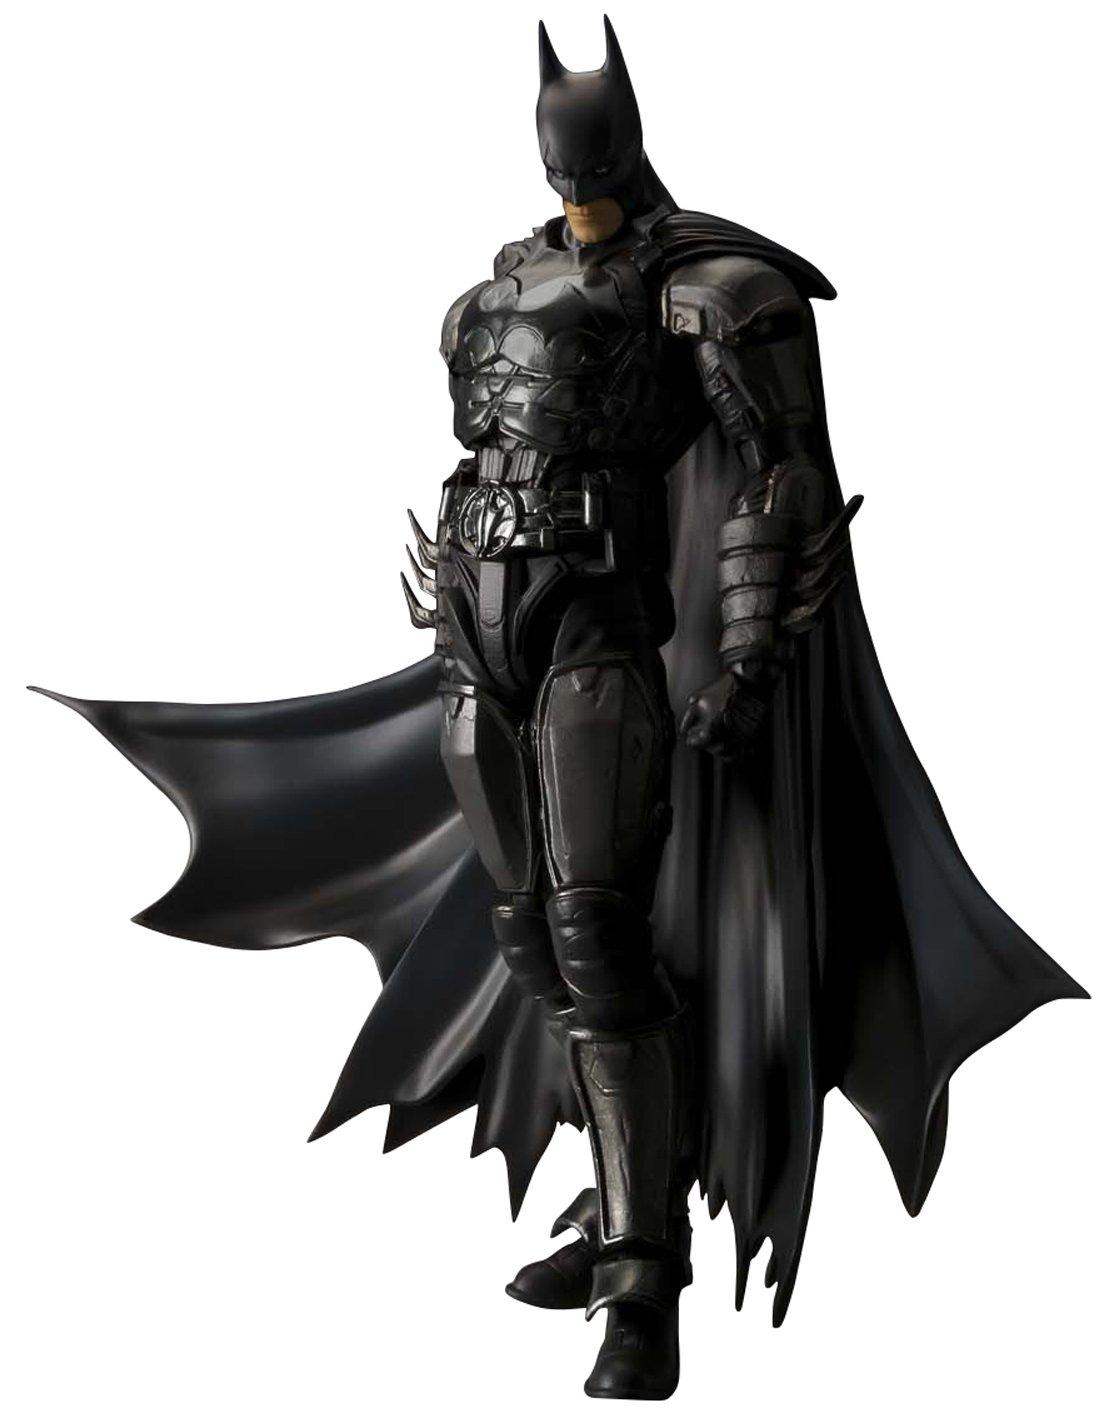 Injustice S.H. Figuarts Batman Action Figur 16 cm